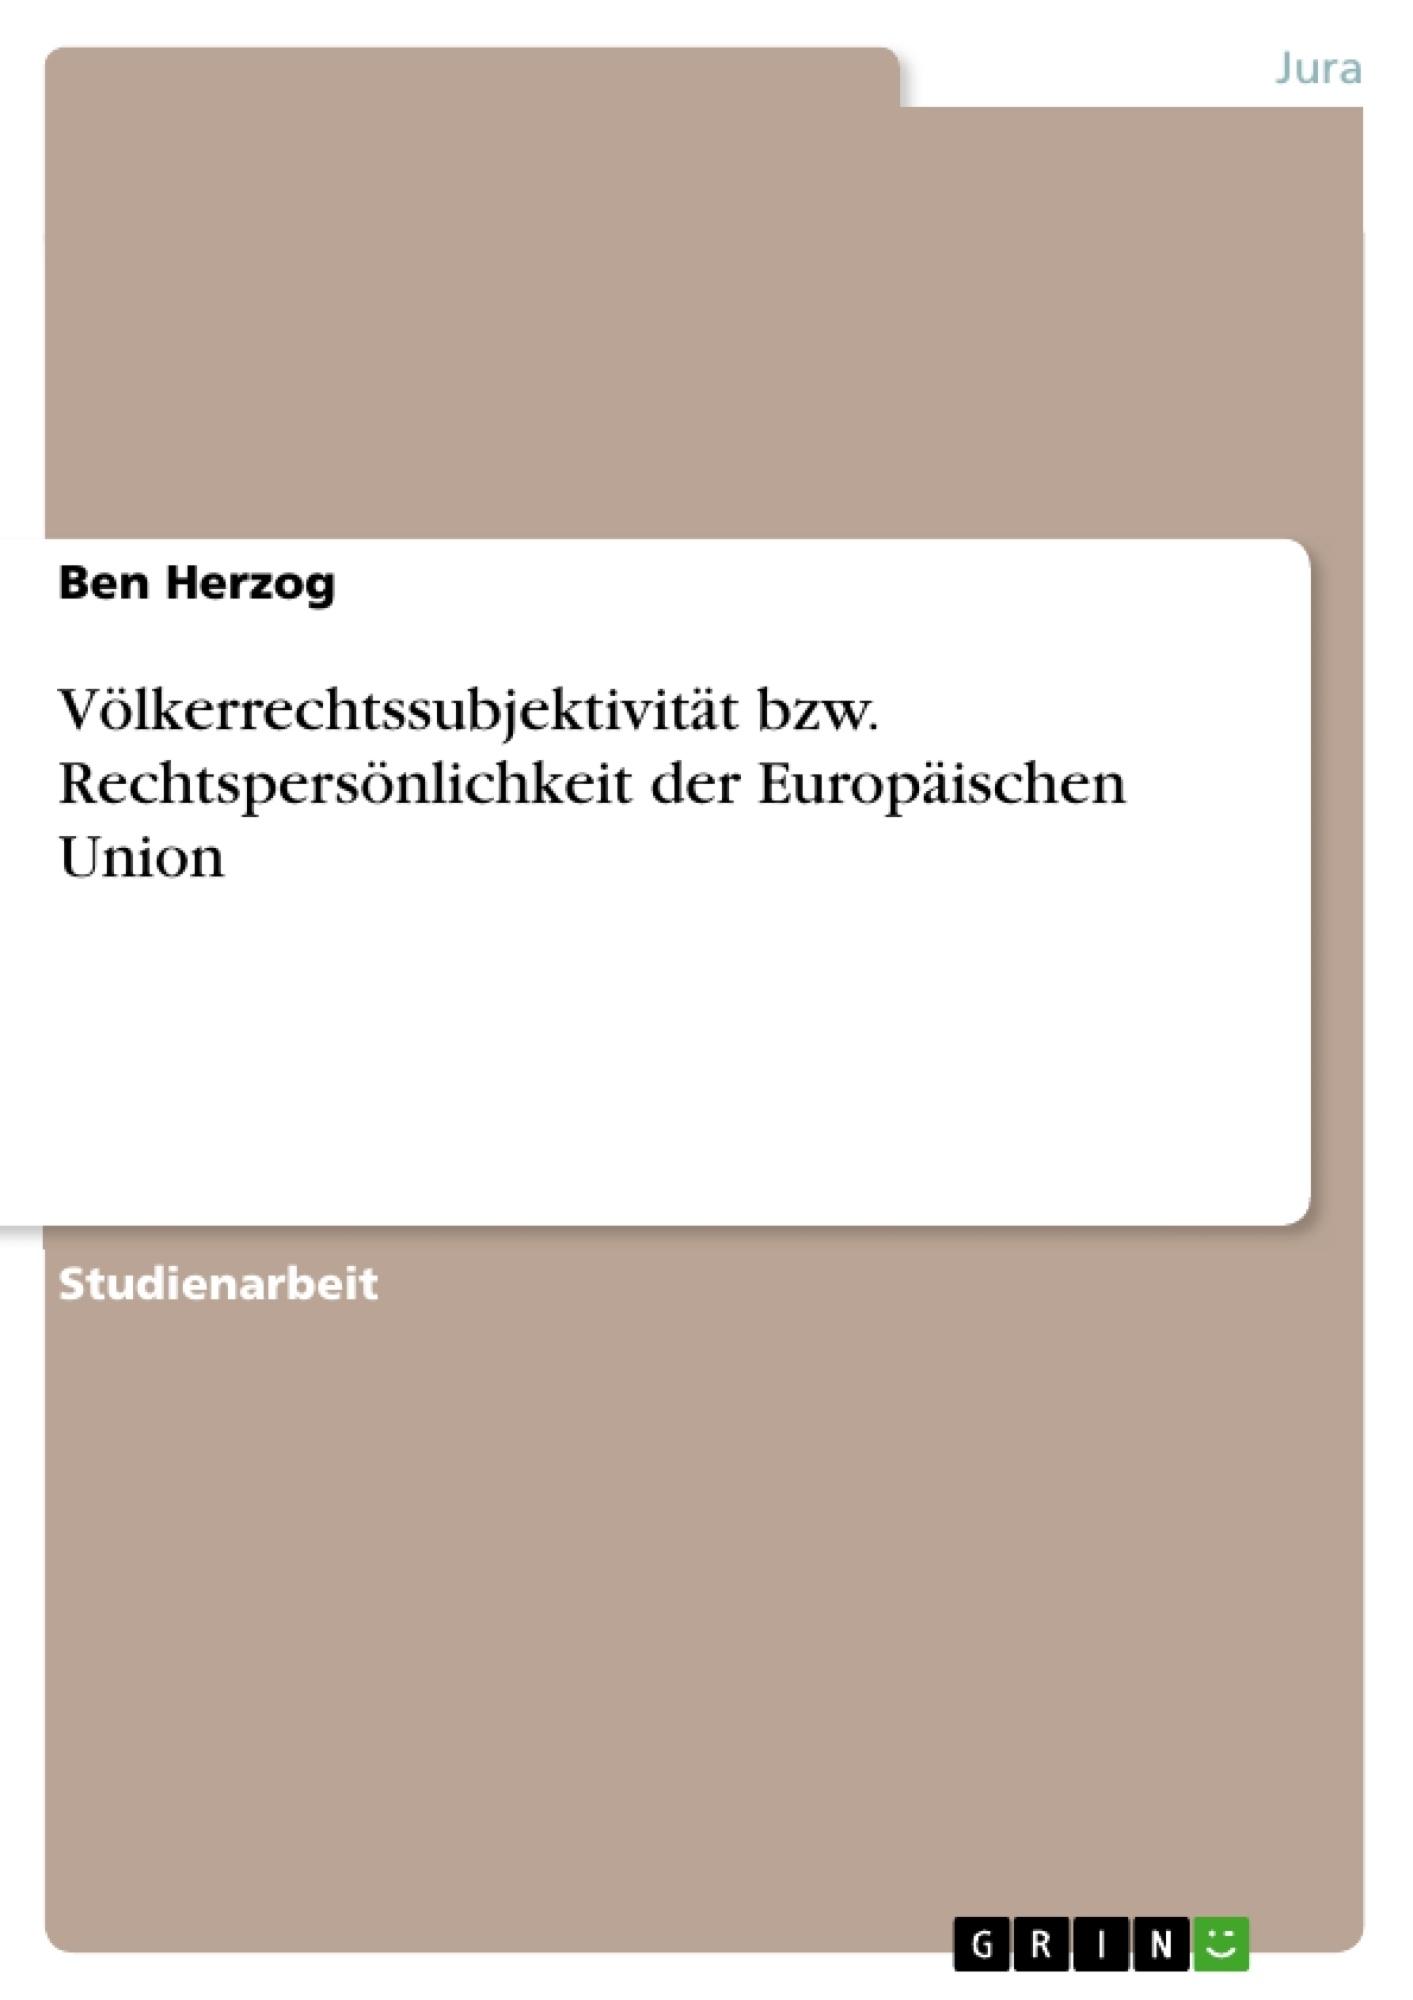 Titel: Völkerrechtssubjektivität bzw. Rechtspersönlichkeit der Europäischen Union